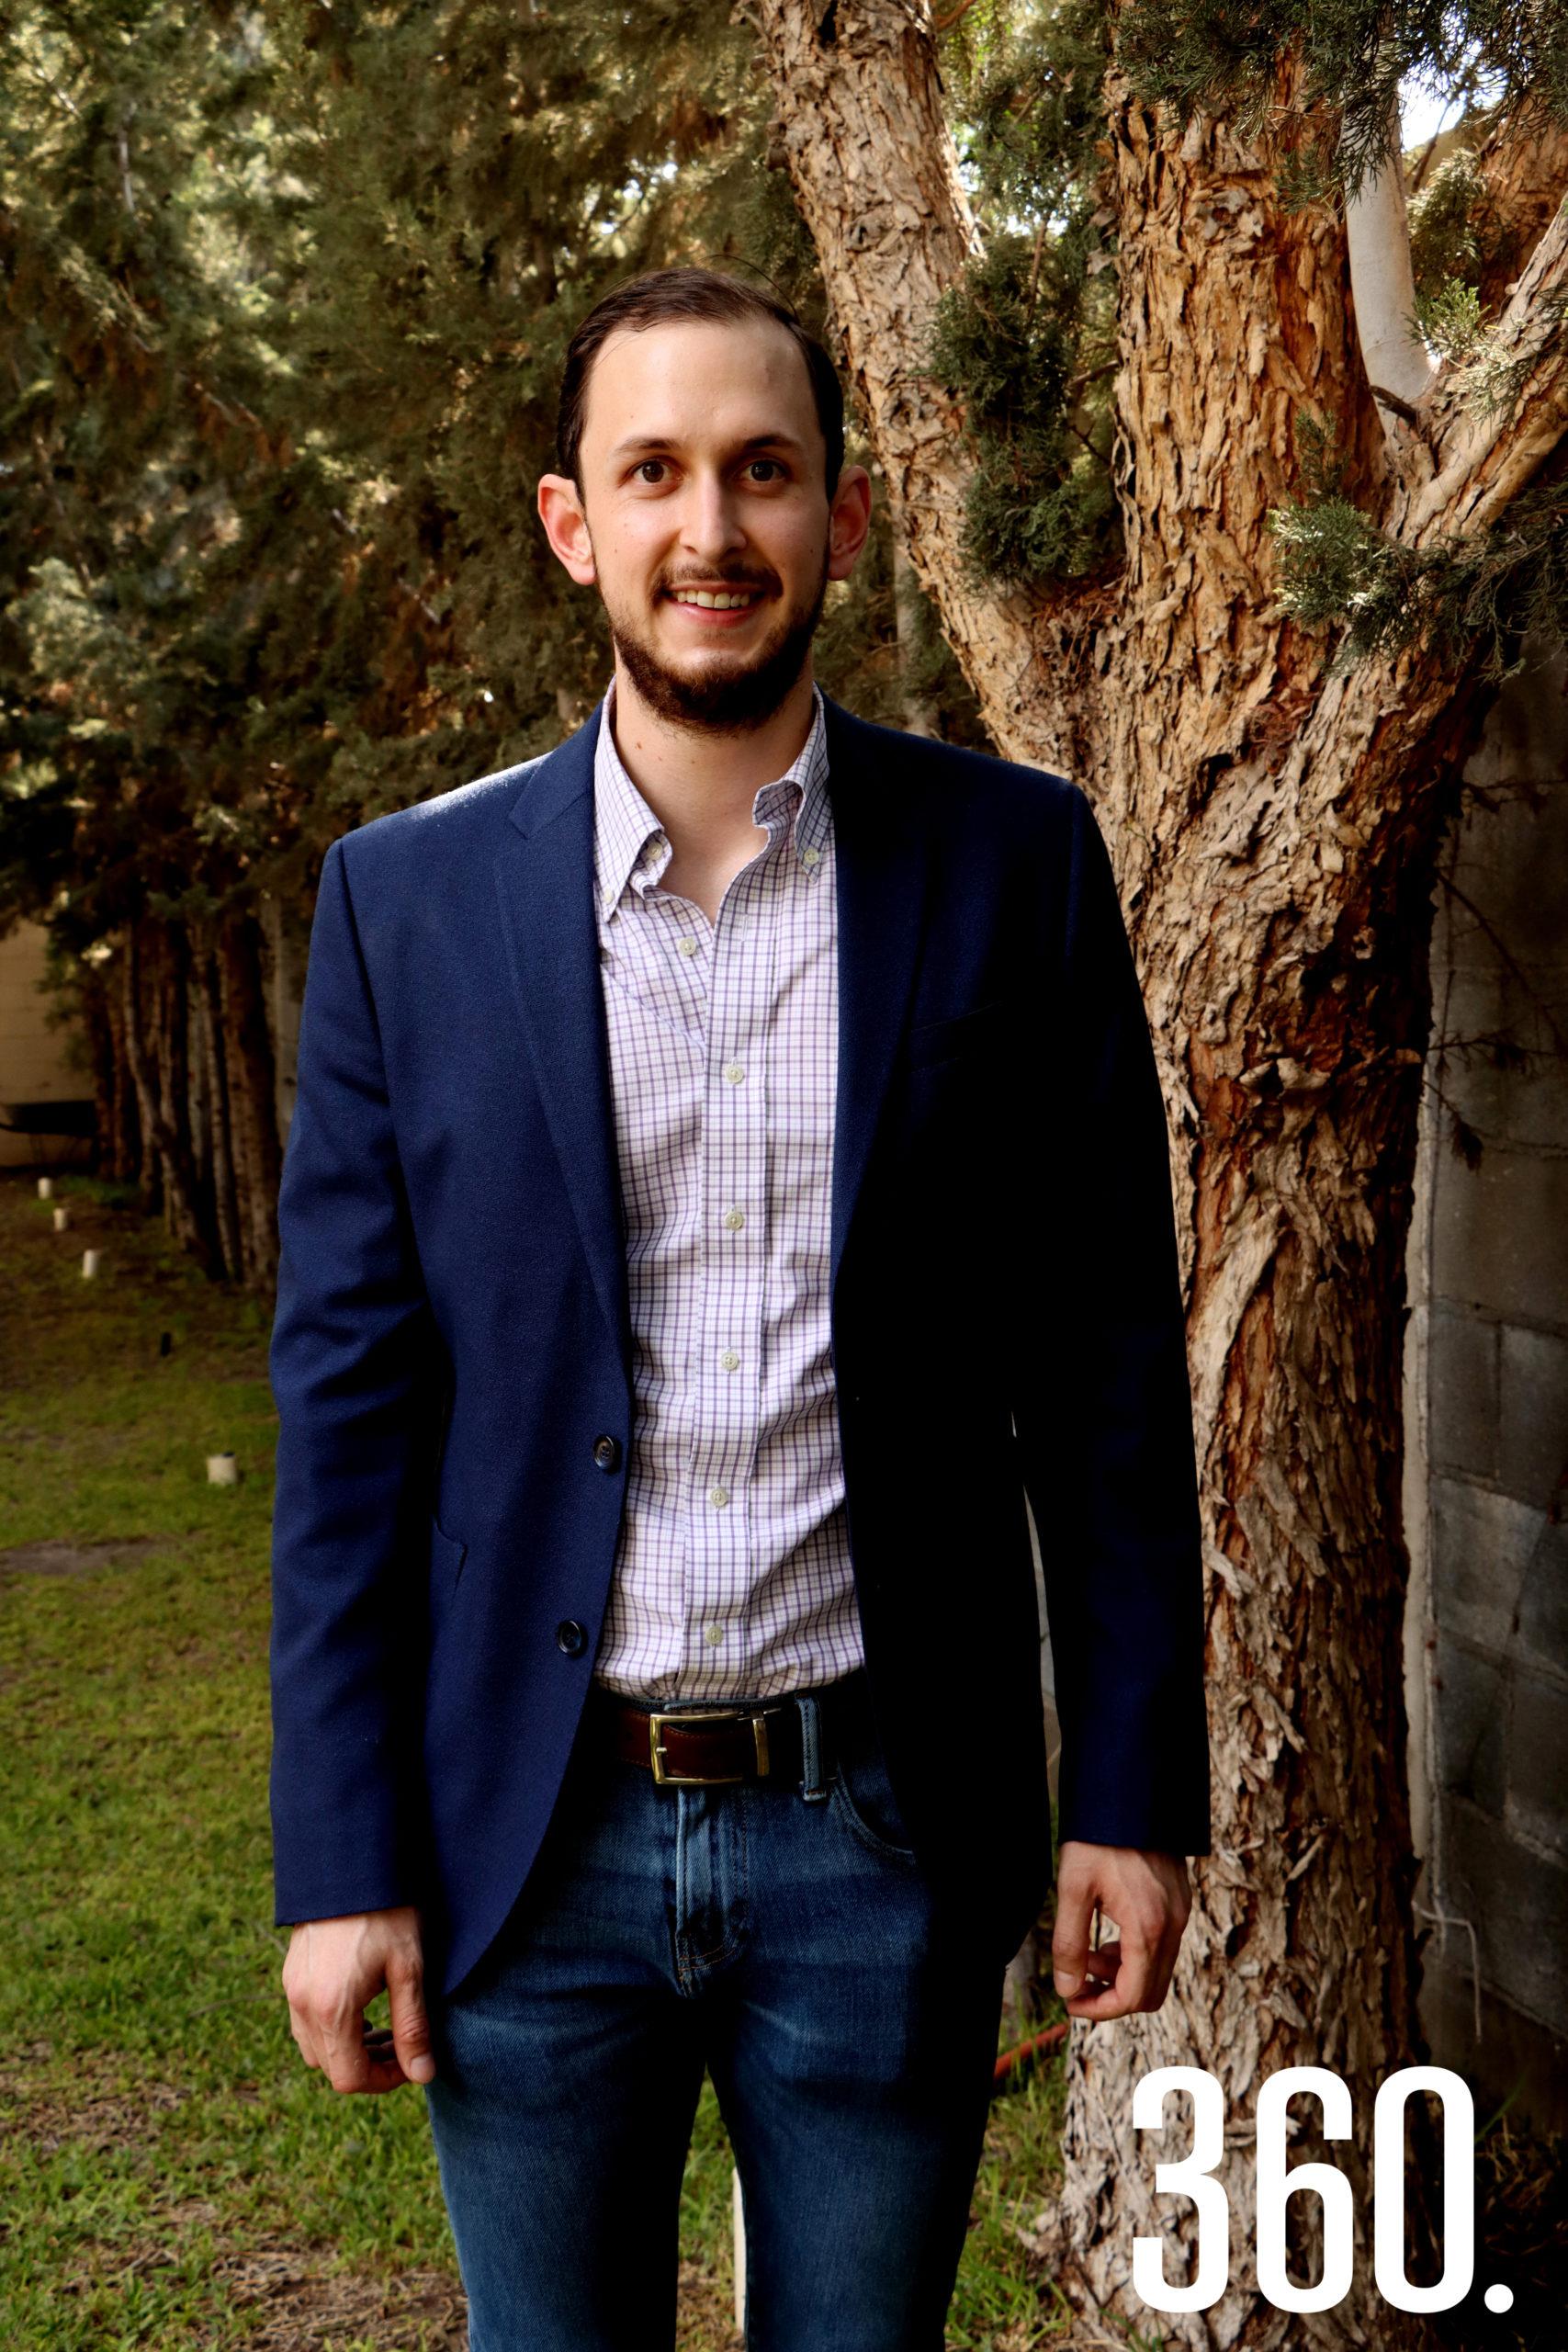 José Luis Dávila Martínez contraerá matrimonio el dos de octubre próximo con su prometida María José Treviño.